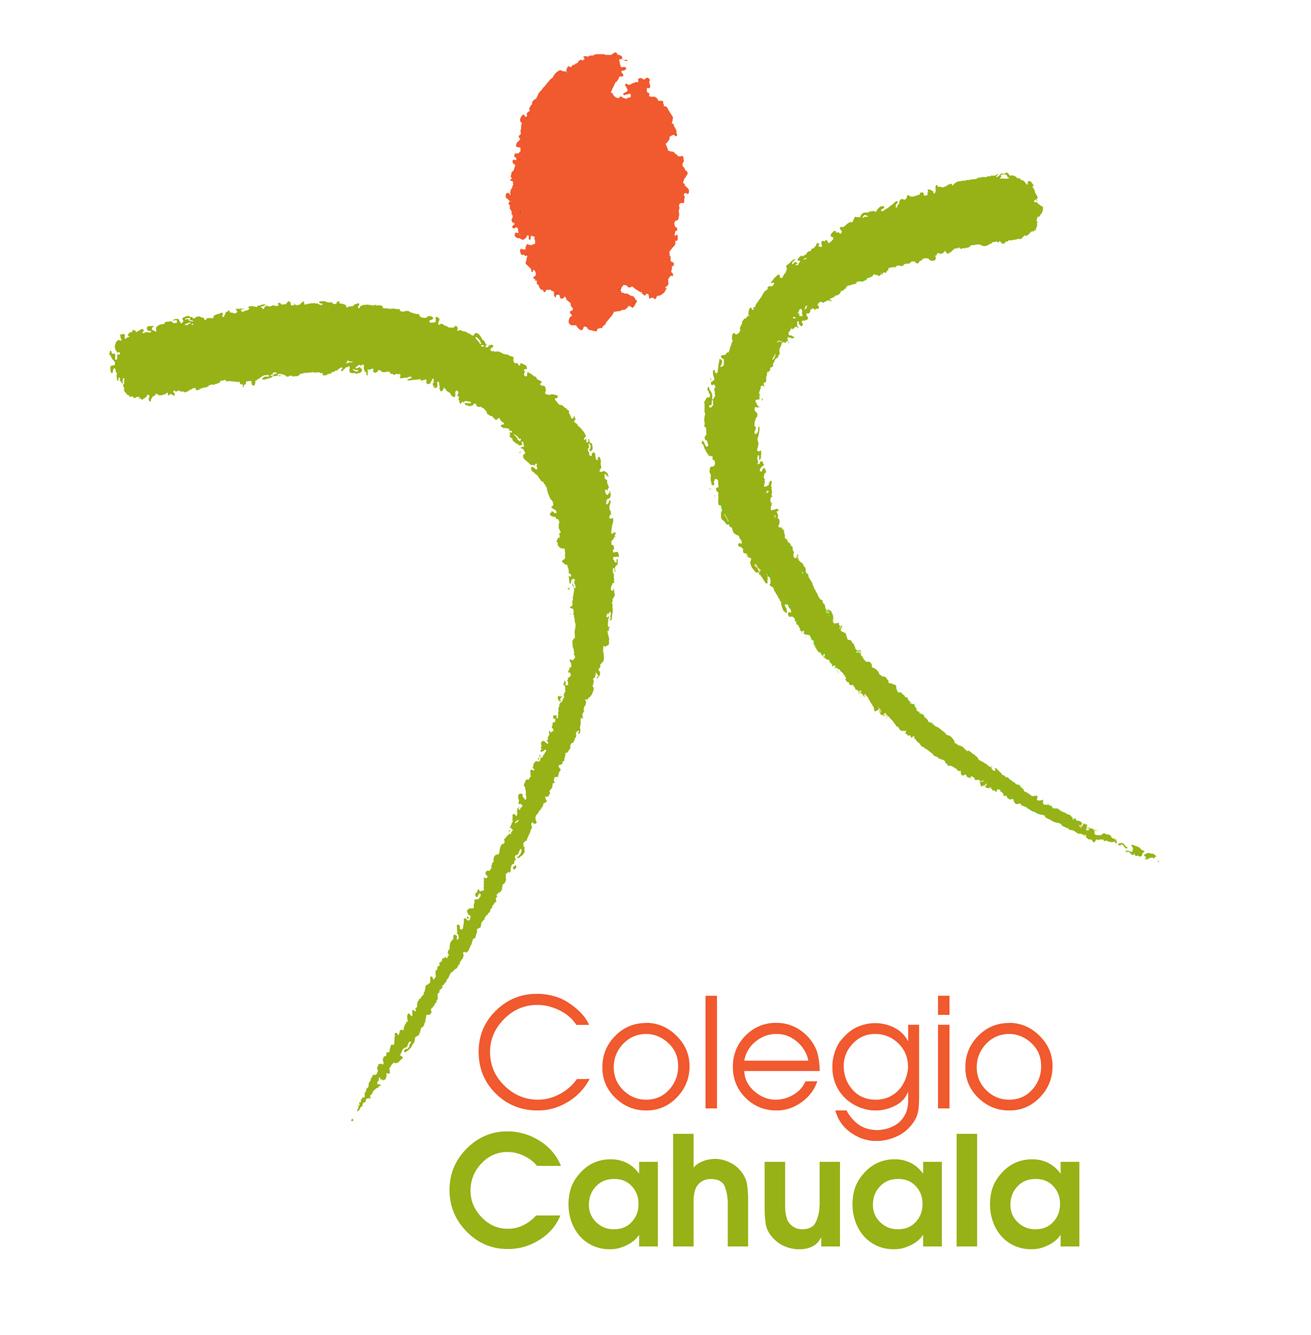 Colegio Cahuala